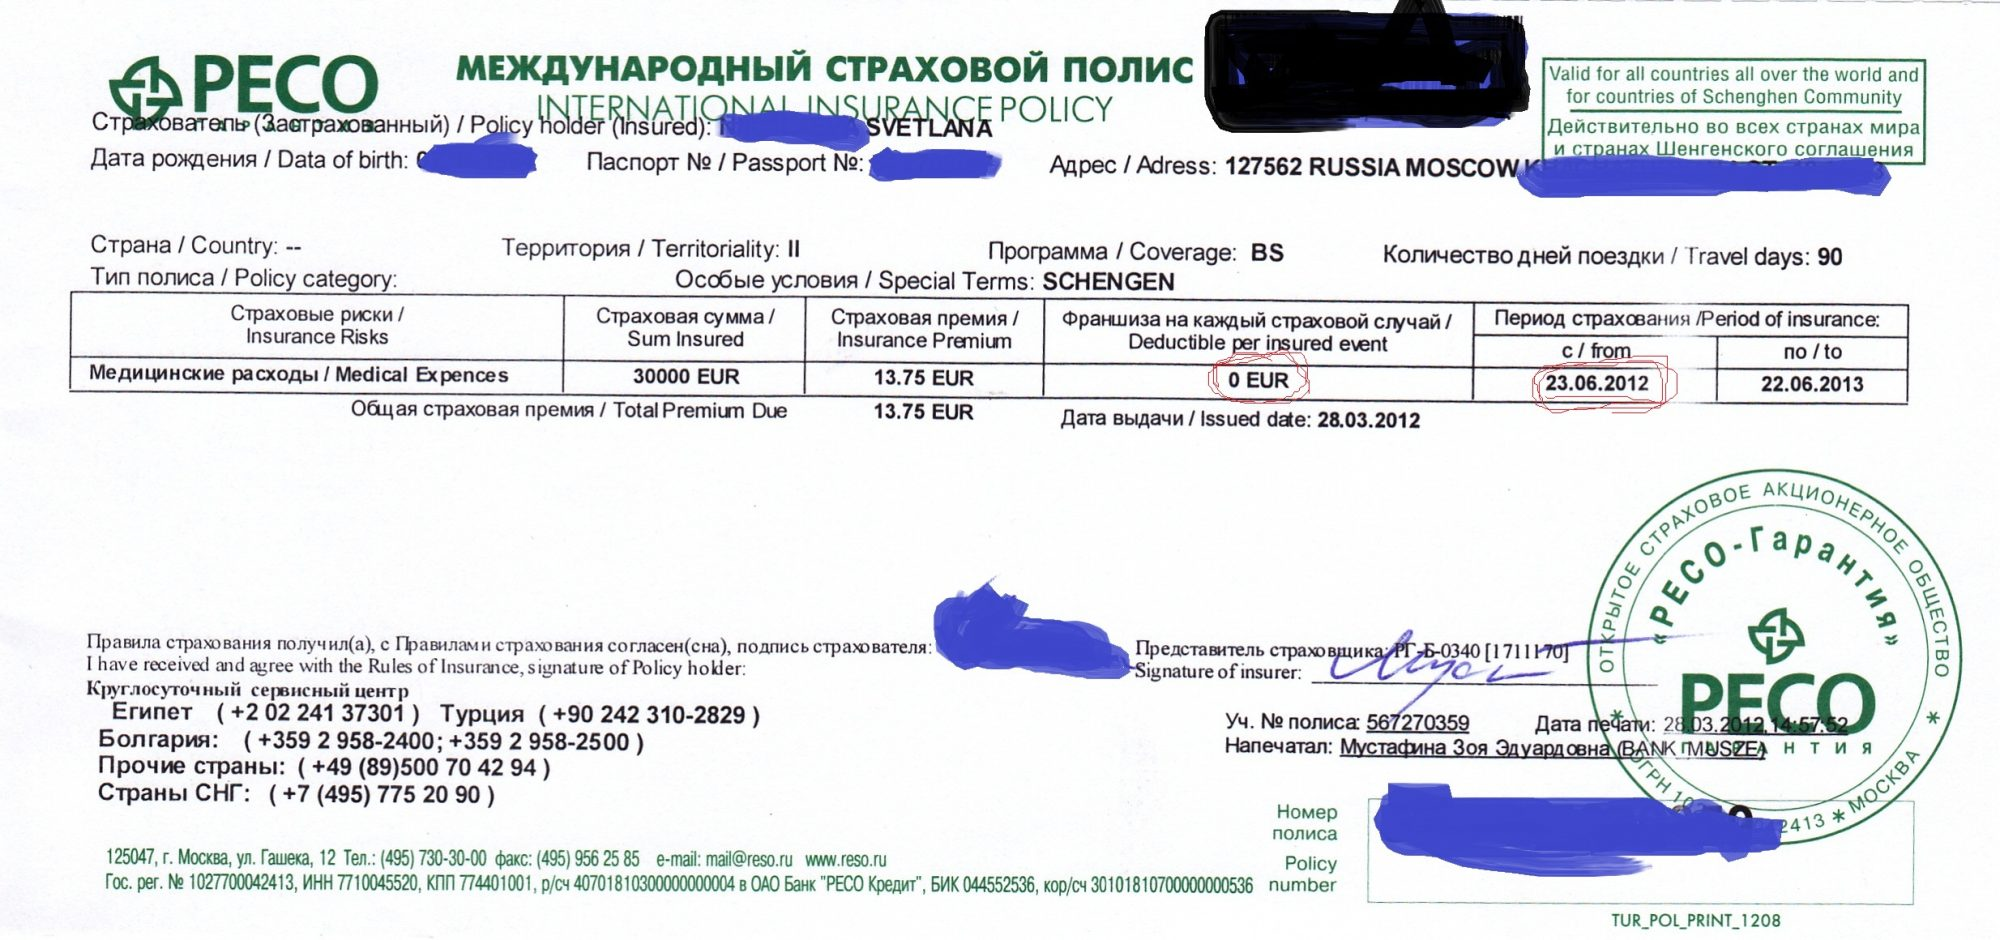 Аккредитация нет подтверждения о назначении руководителя